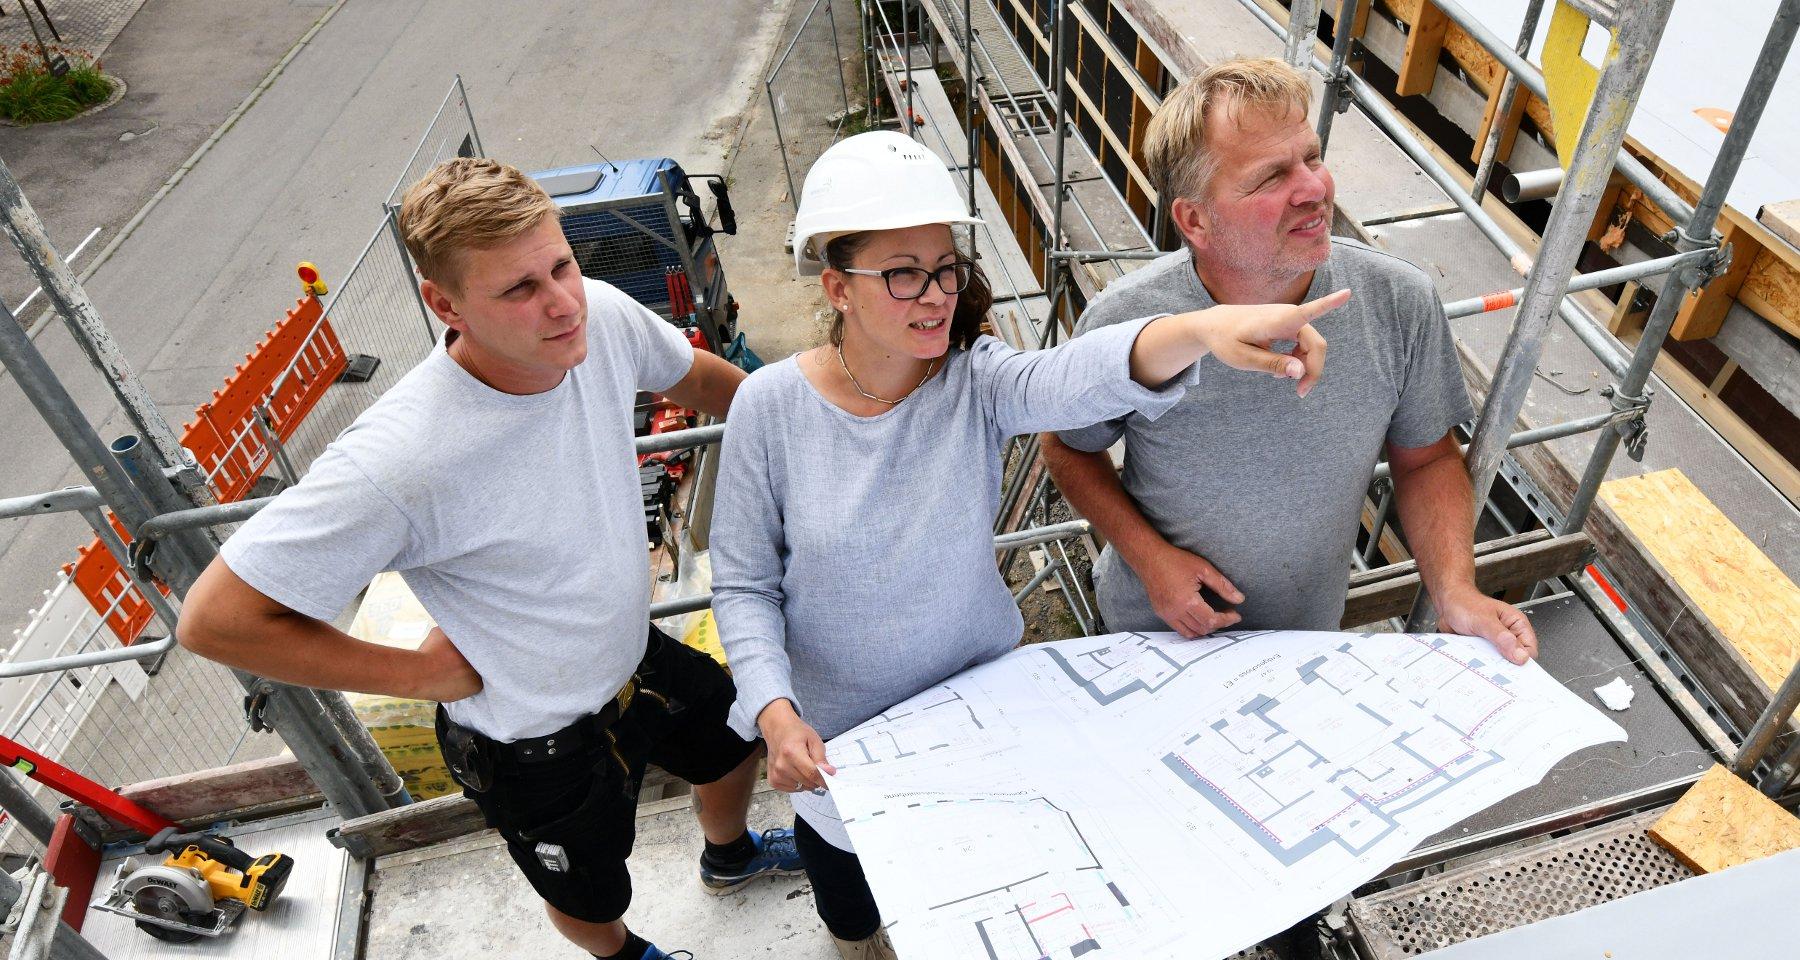 Architektin auf der Baustelle mit zwei Arbeitern